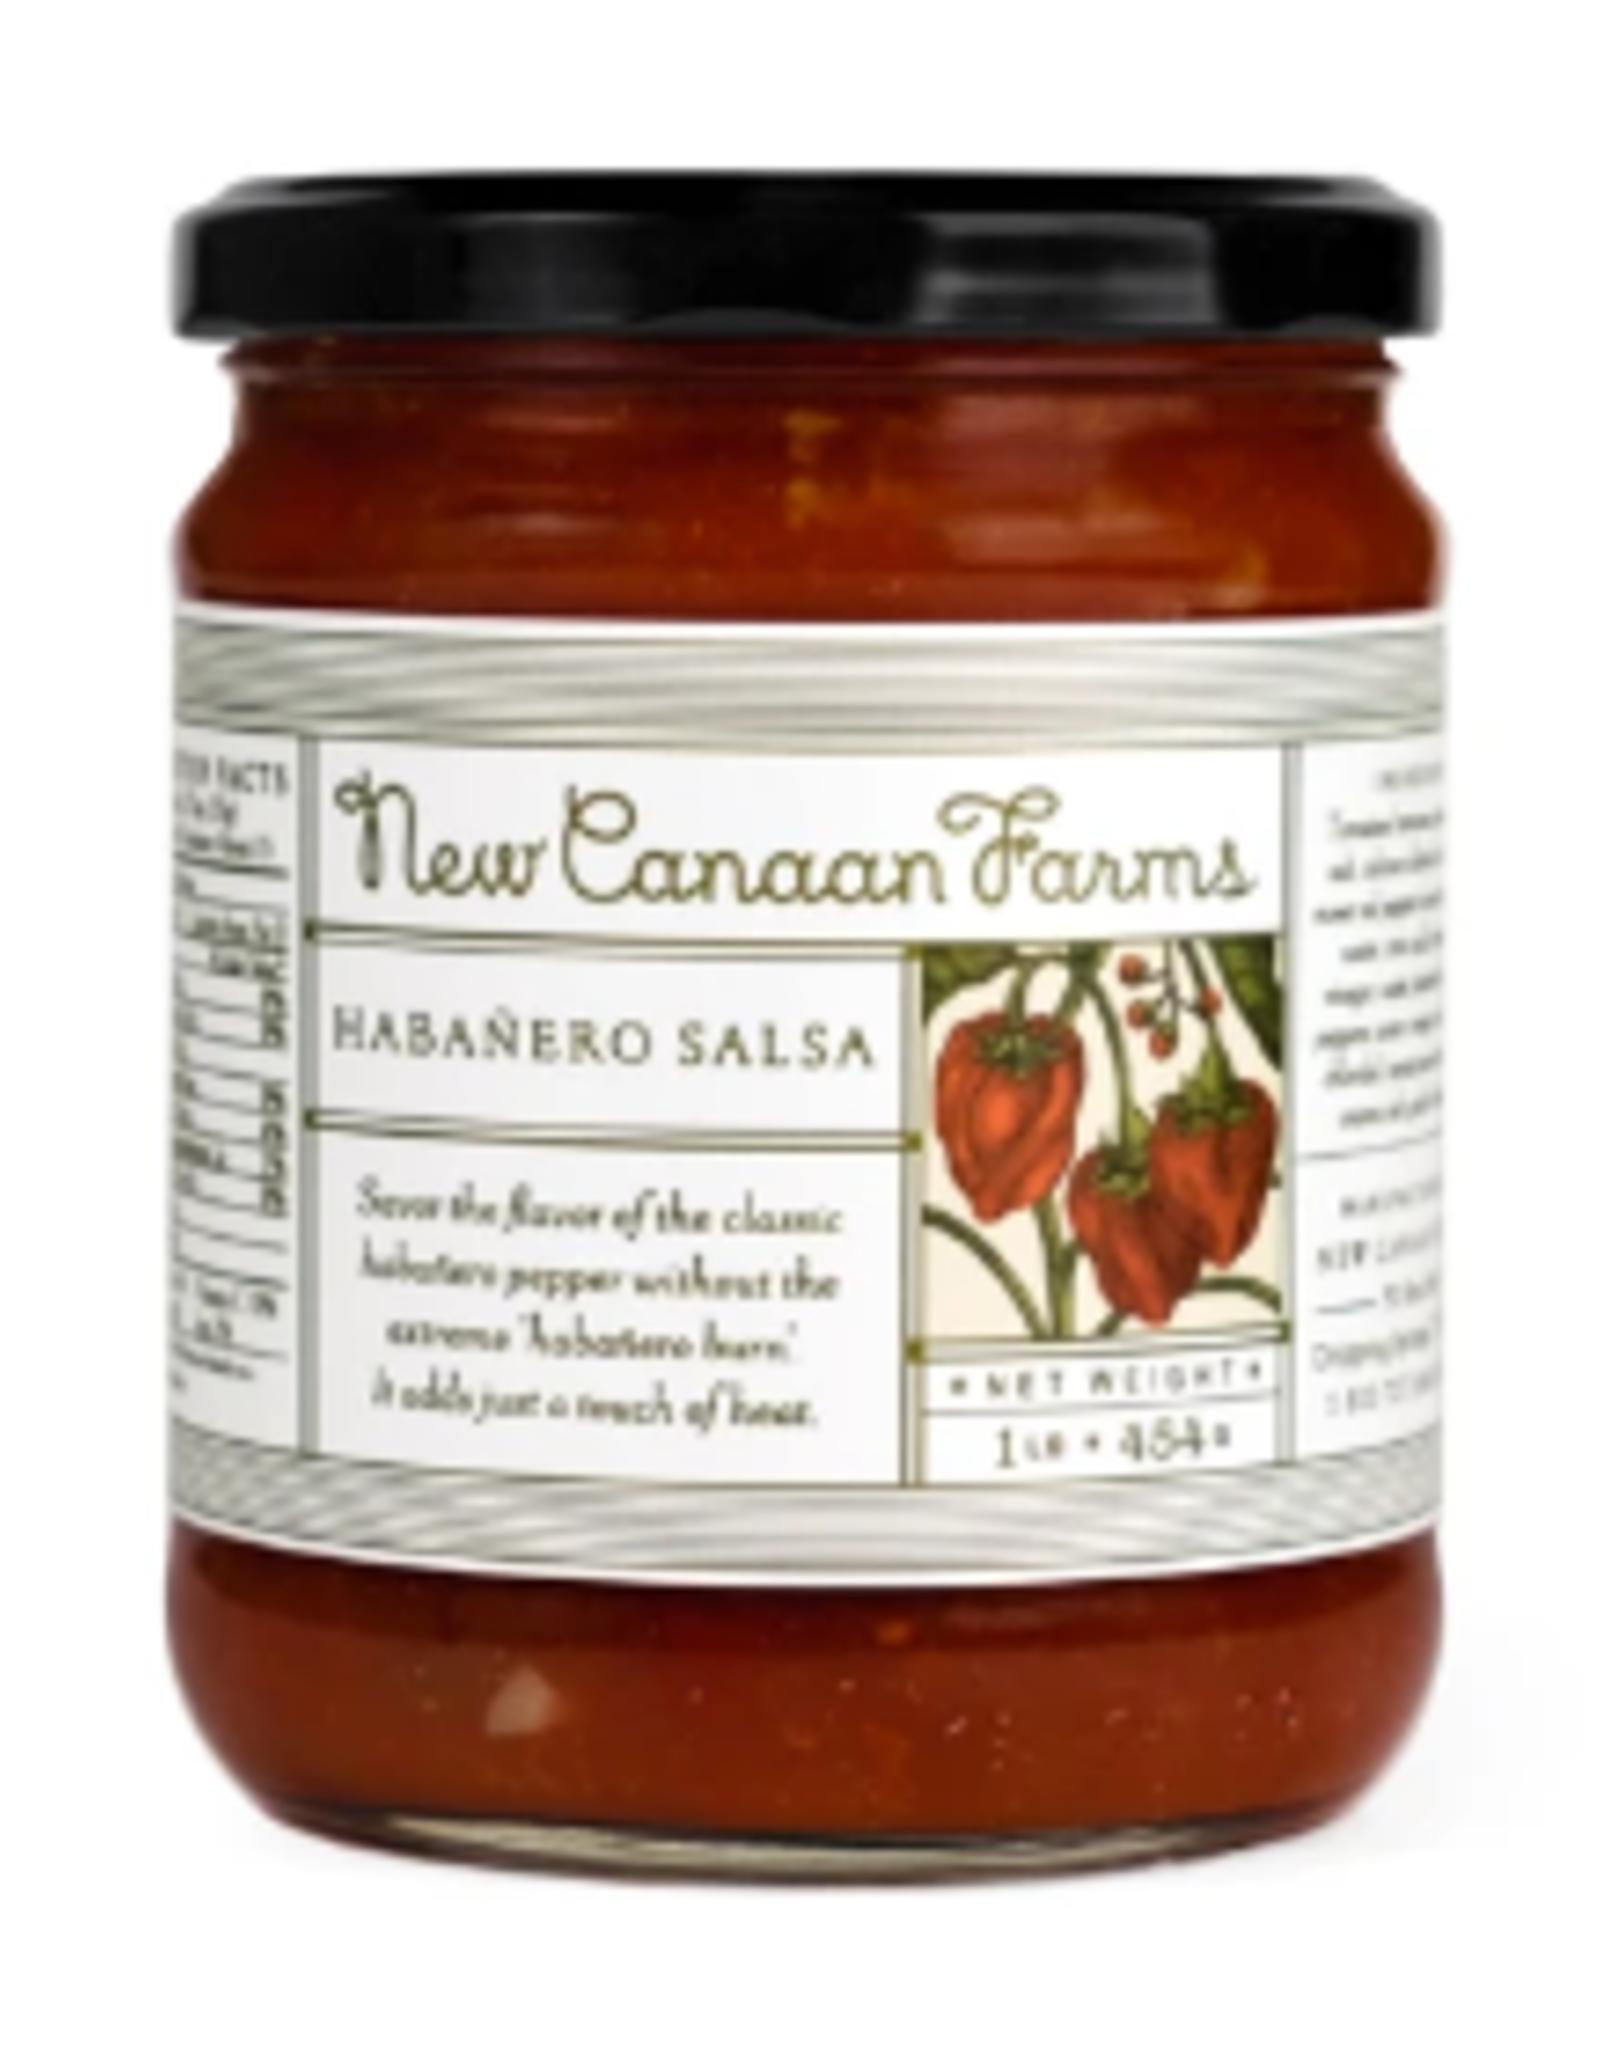 New Canaan Farms Habanero Salsa